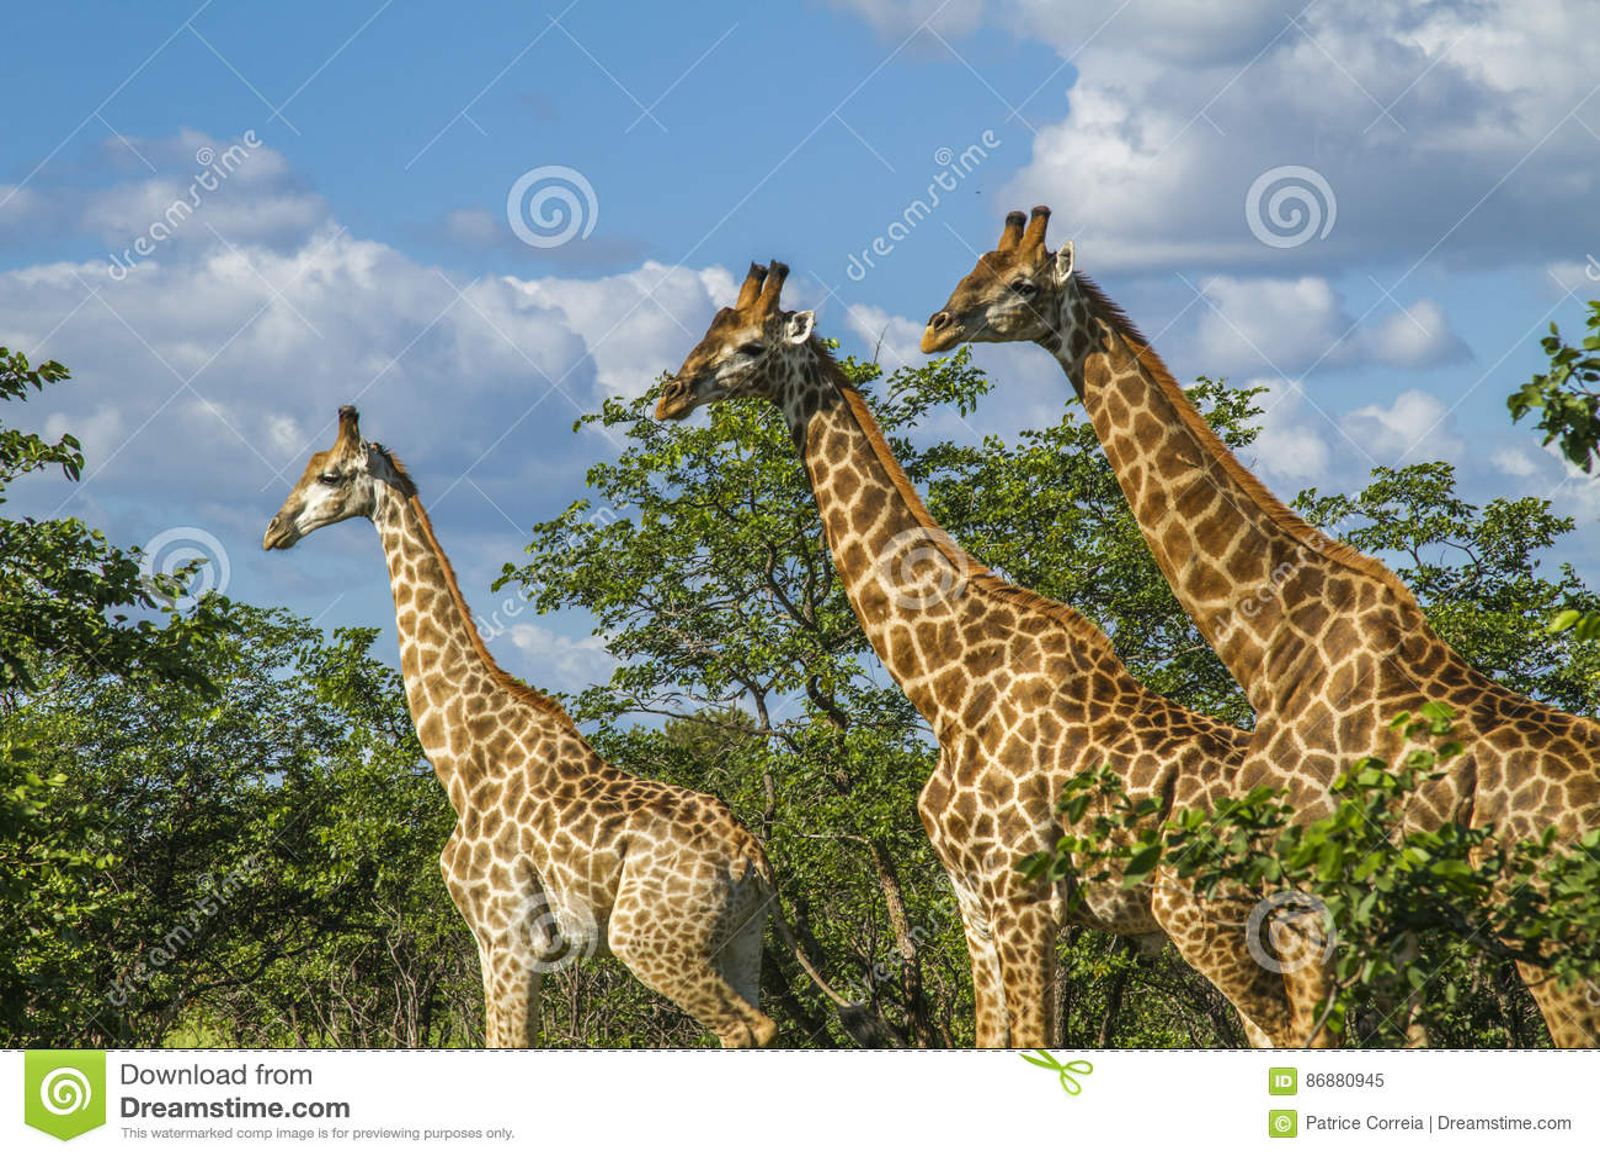 Ομάδα giraffes στο θάμνο στο πάρκο Kruger, Νότια Αφρική